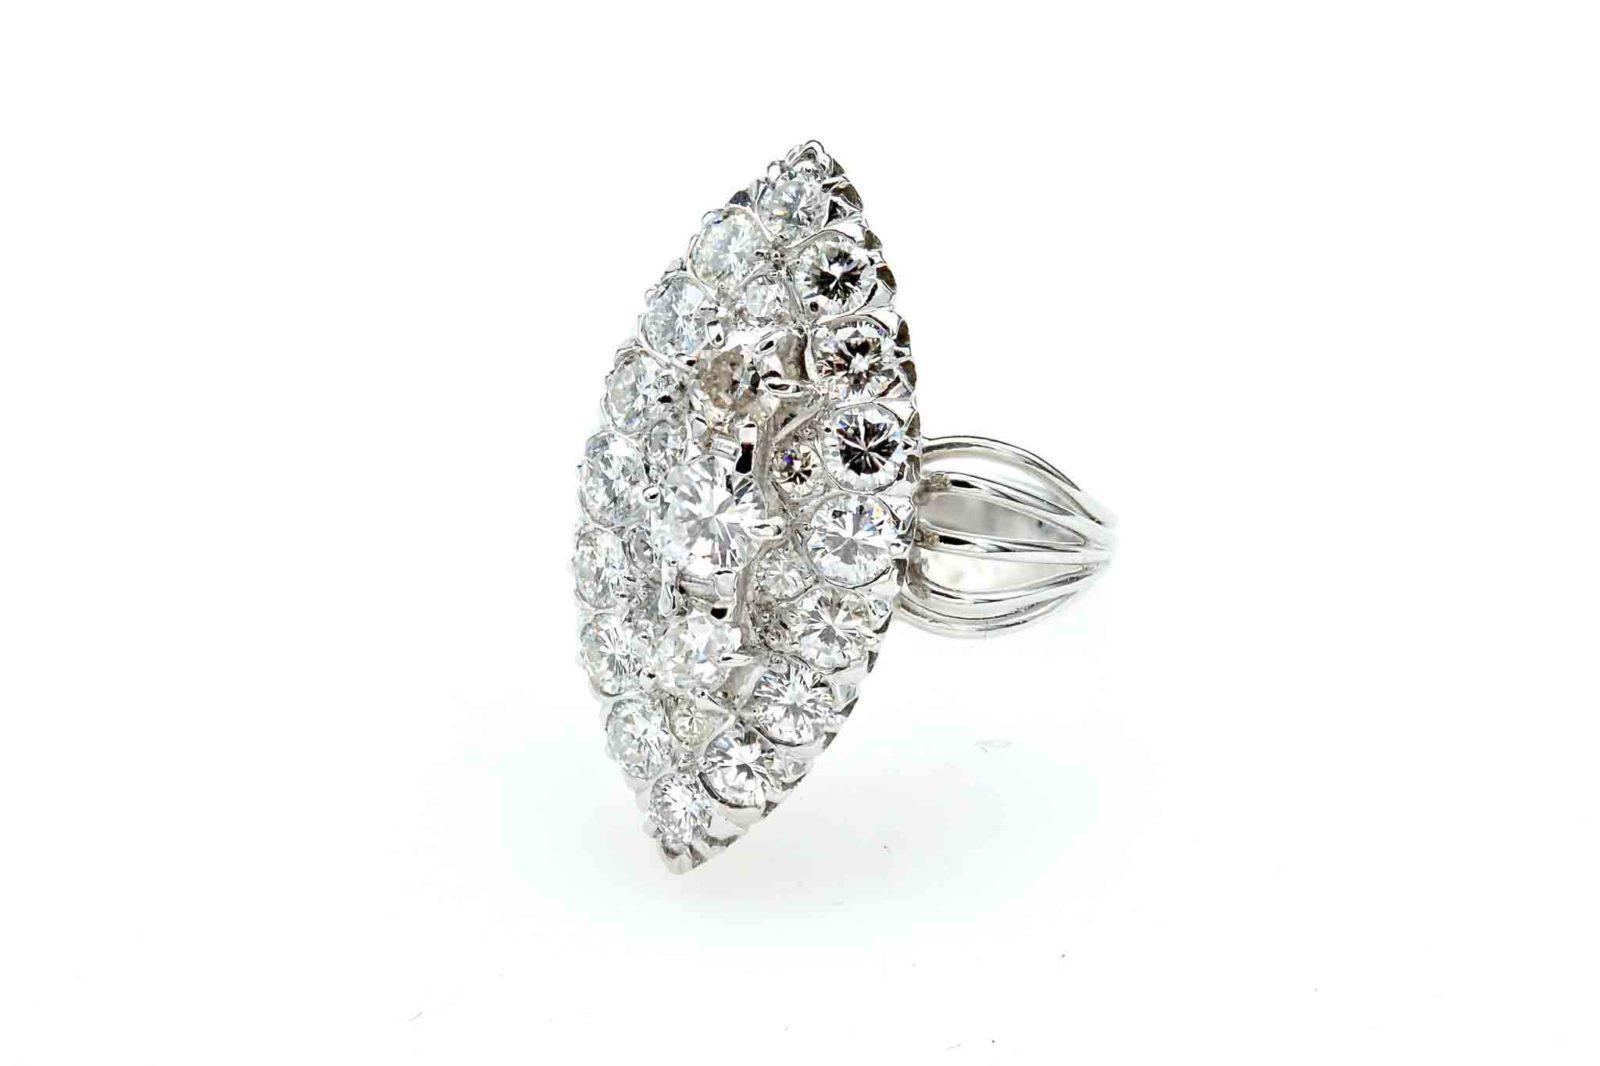 Bague marquise diamants